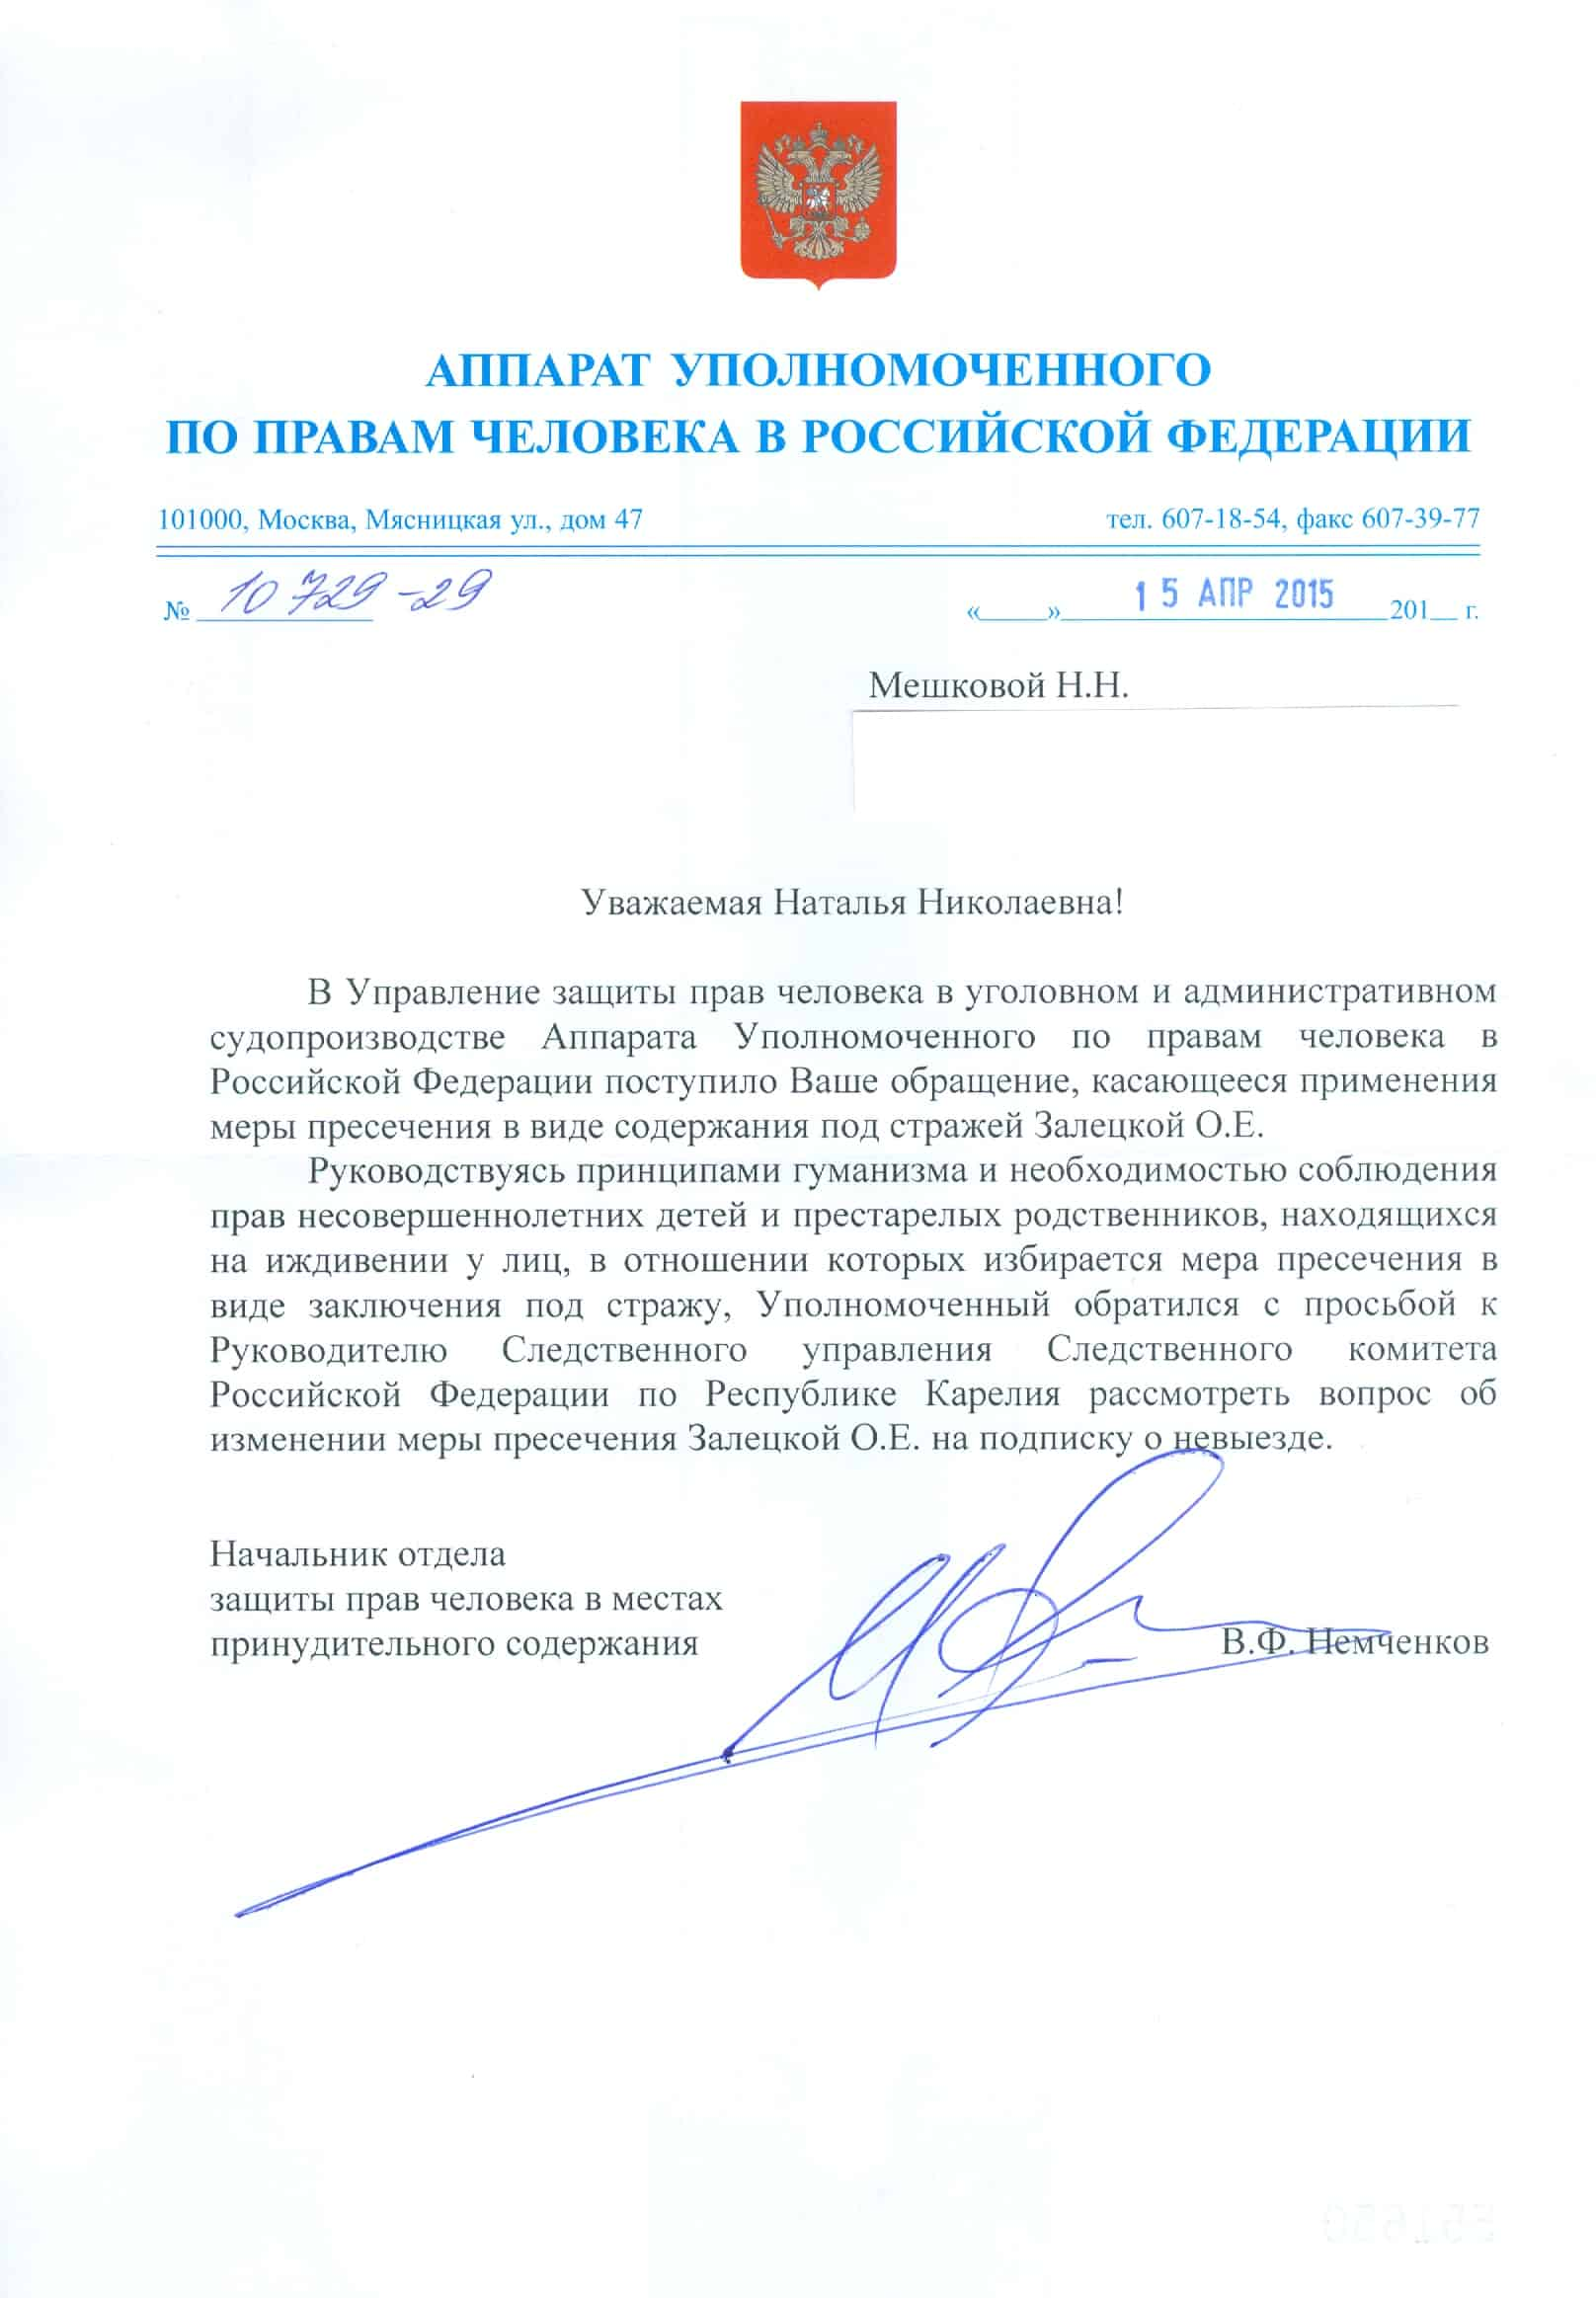 Письмо по Ольге Залецкой от Аппарата уполномоченного по правам человека